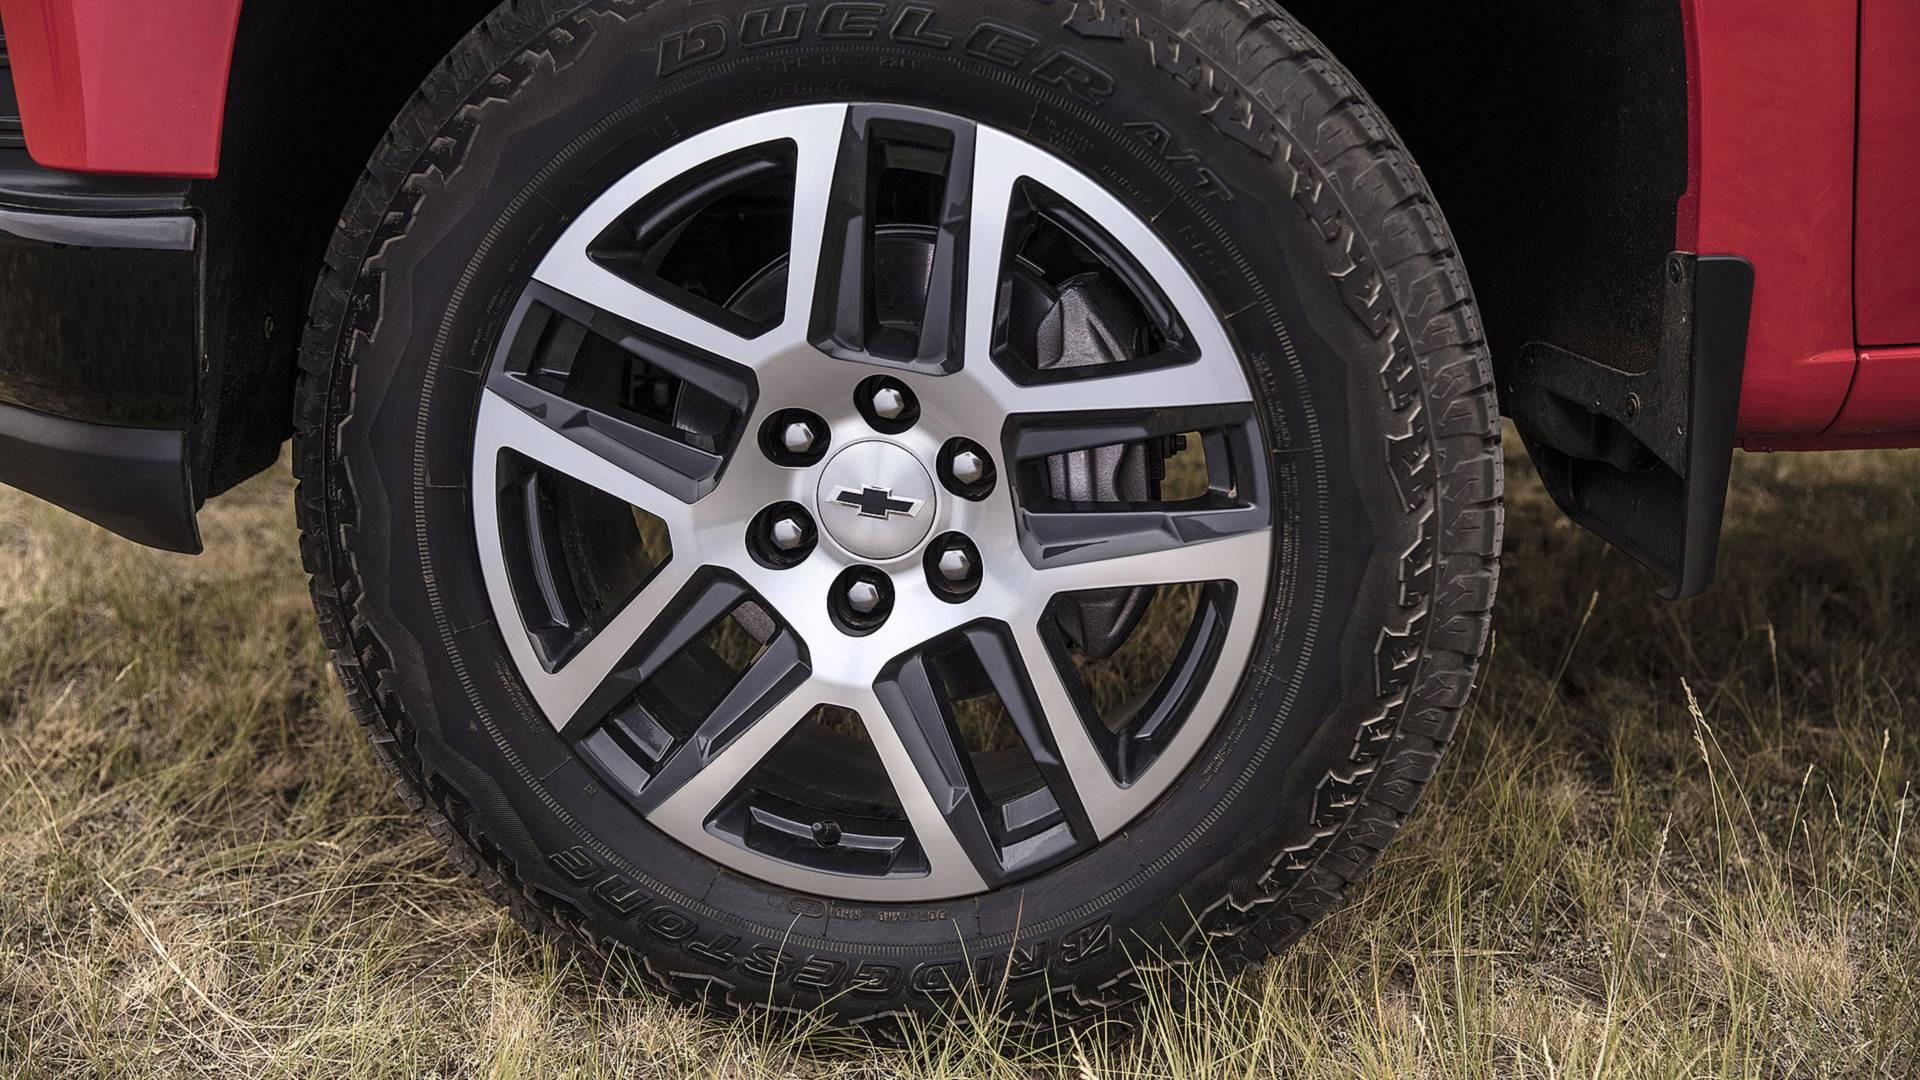 2019-chevrolet-silverado-first-drive-4.jpg